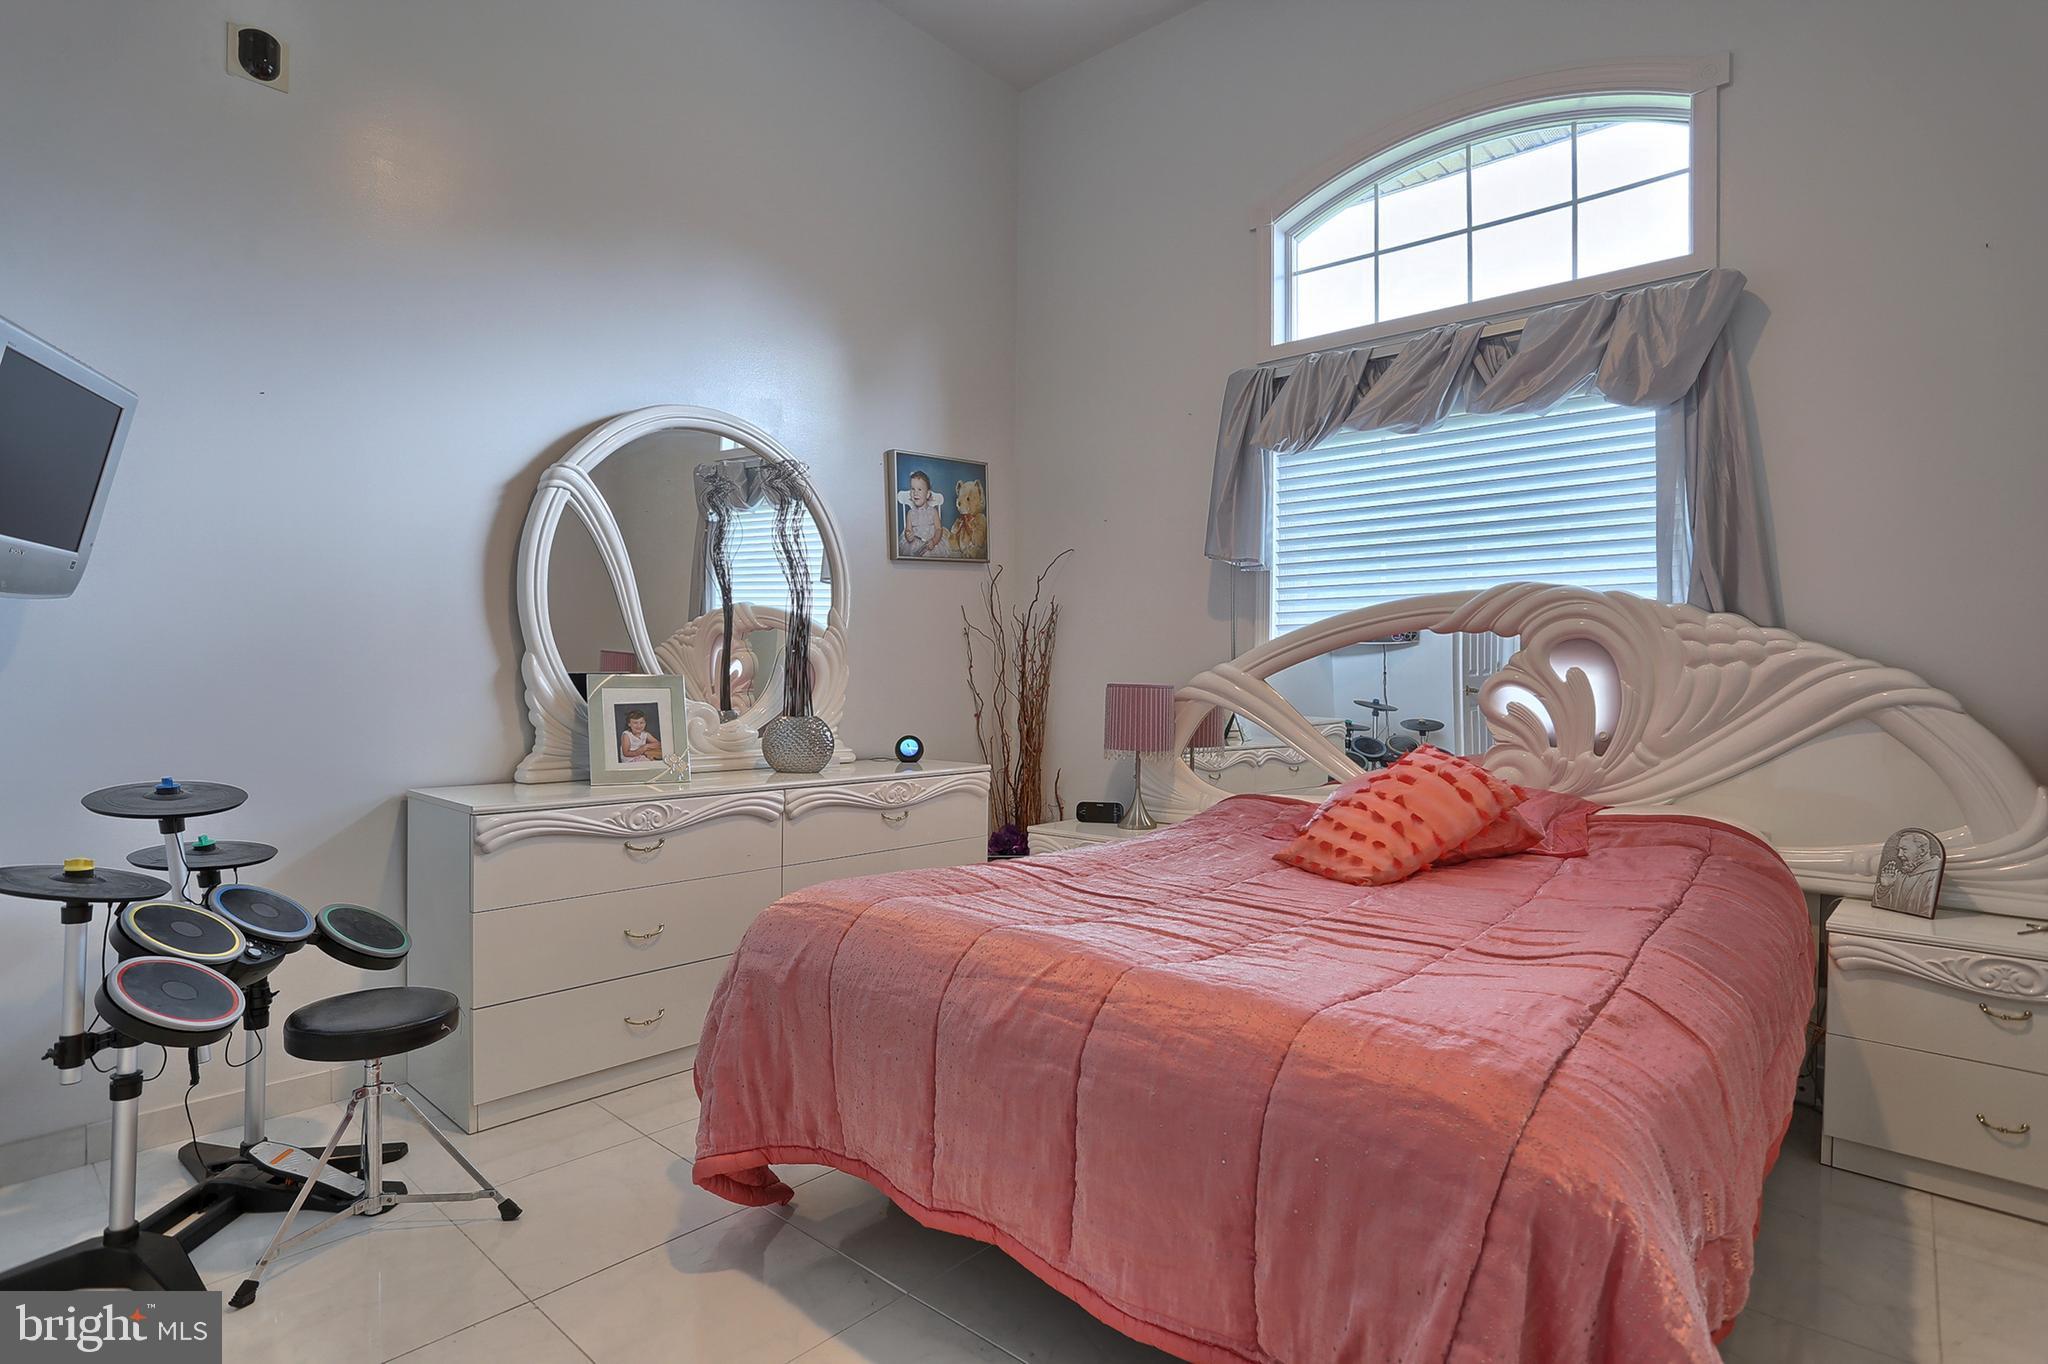 14' x 12' bedroom # 5 with porcelain tile floor